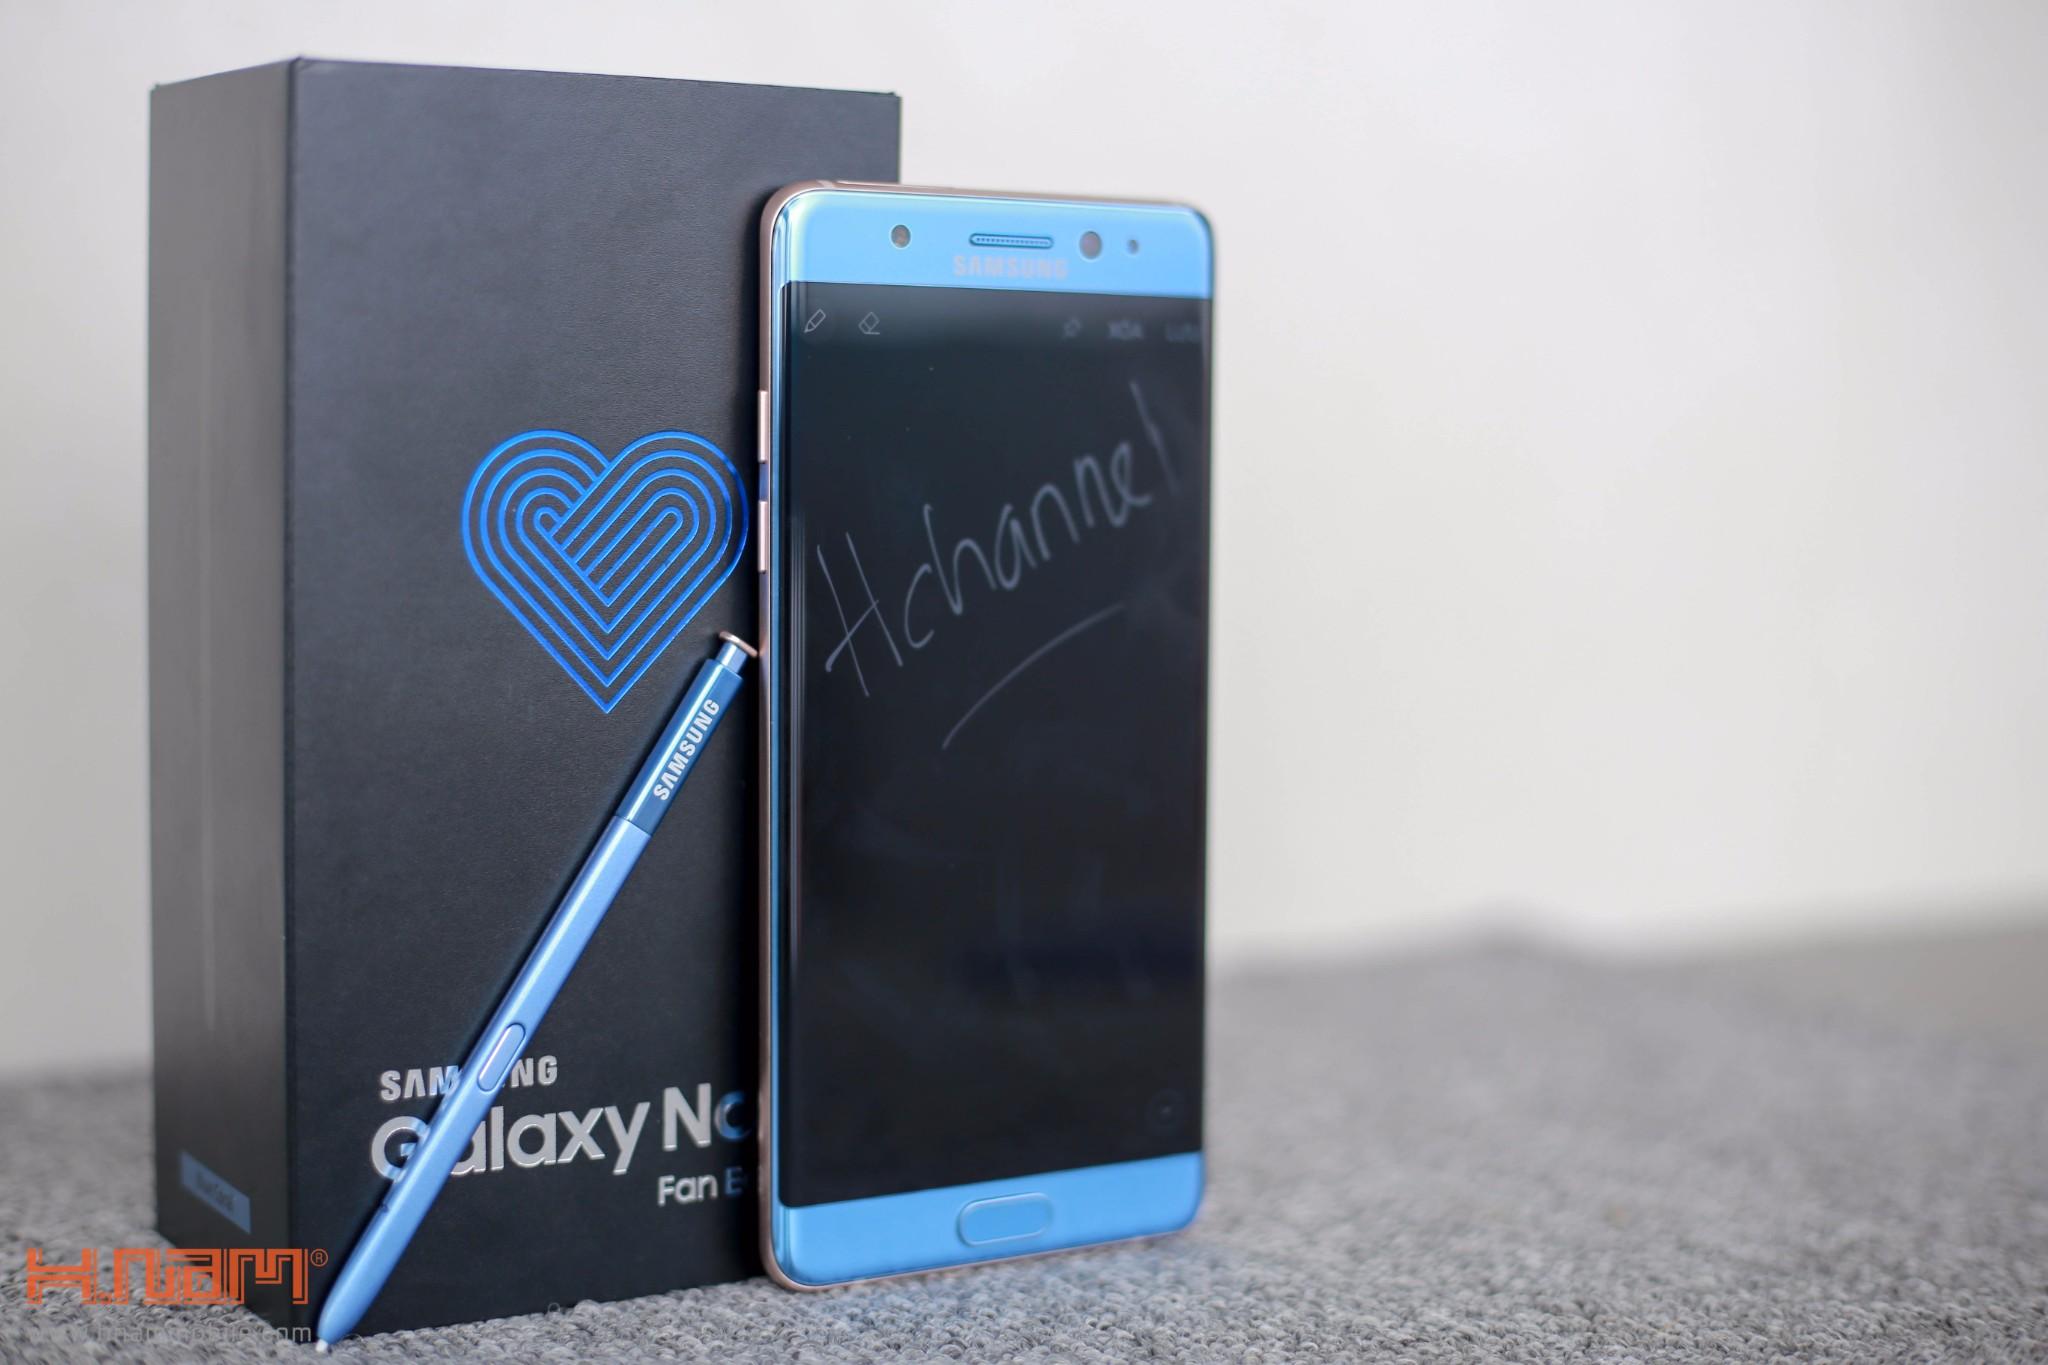 Đập hộp Galaxy Note FE Blue Coral: Phiên bản đặc biệt dành cho NoteFan hình 8